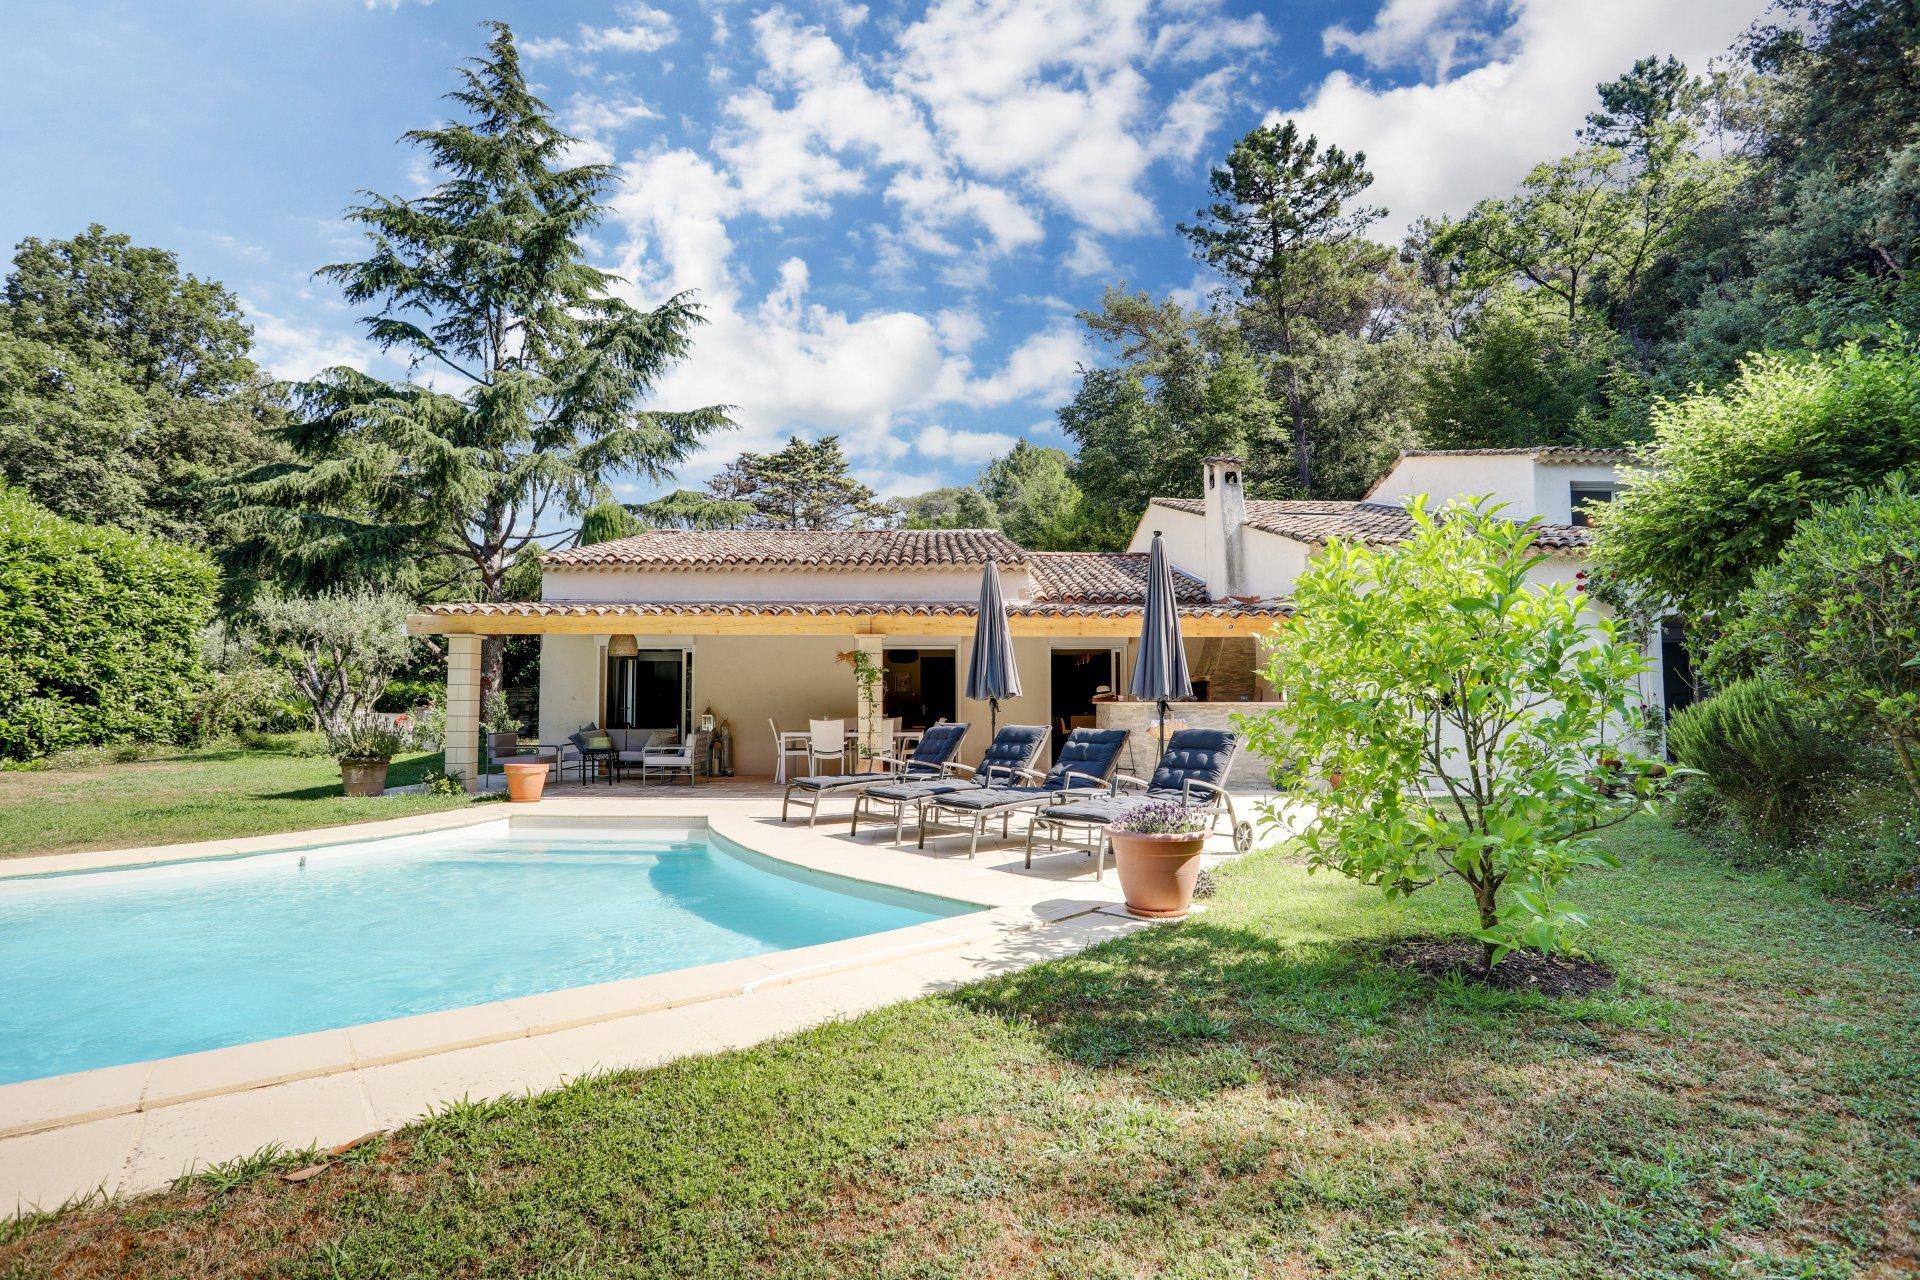 Sole Agent - Villa in Domaine Les Hauts de Saint Paul